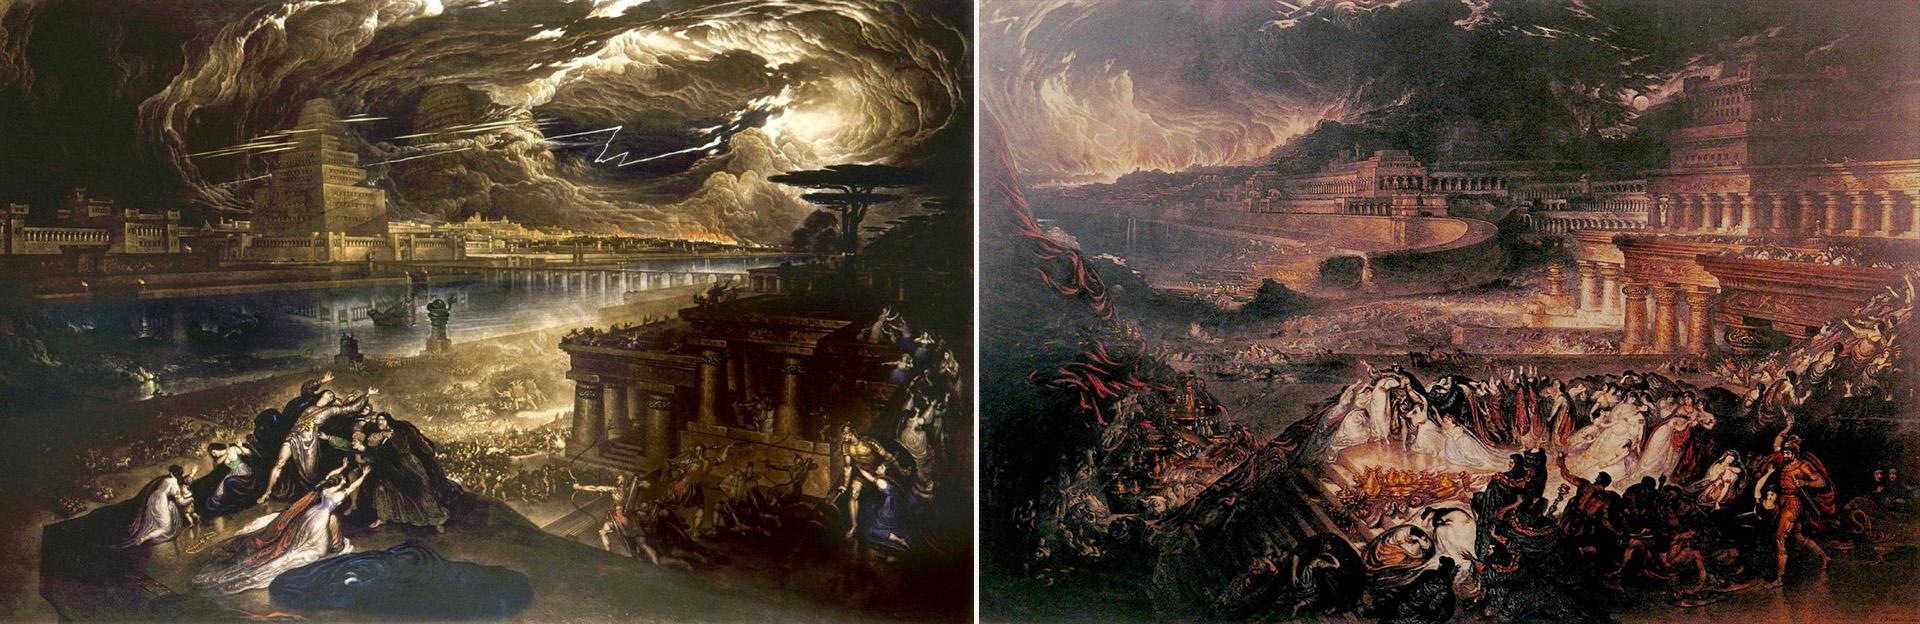 La caída de Babilonia (1819) y La caída de Nínive (1828)